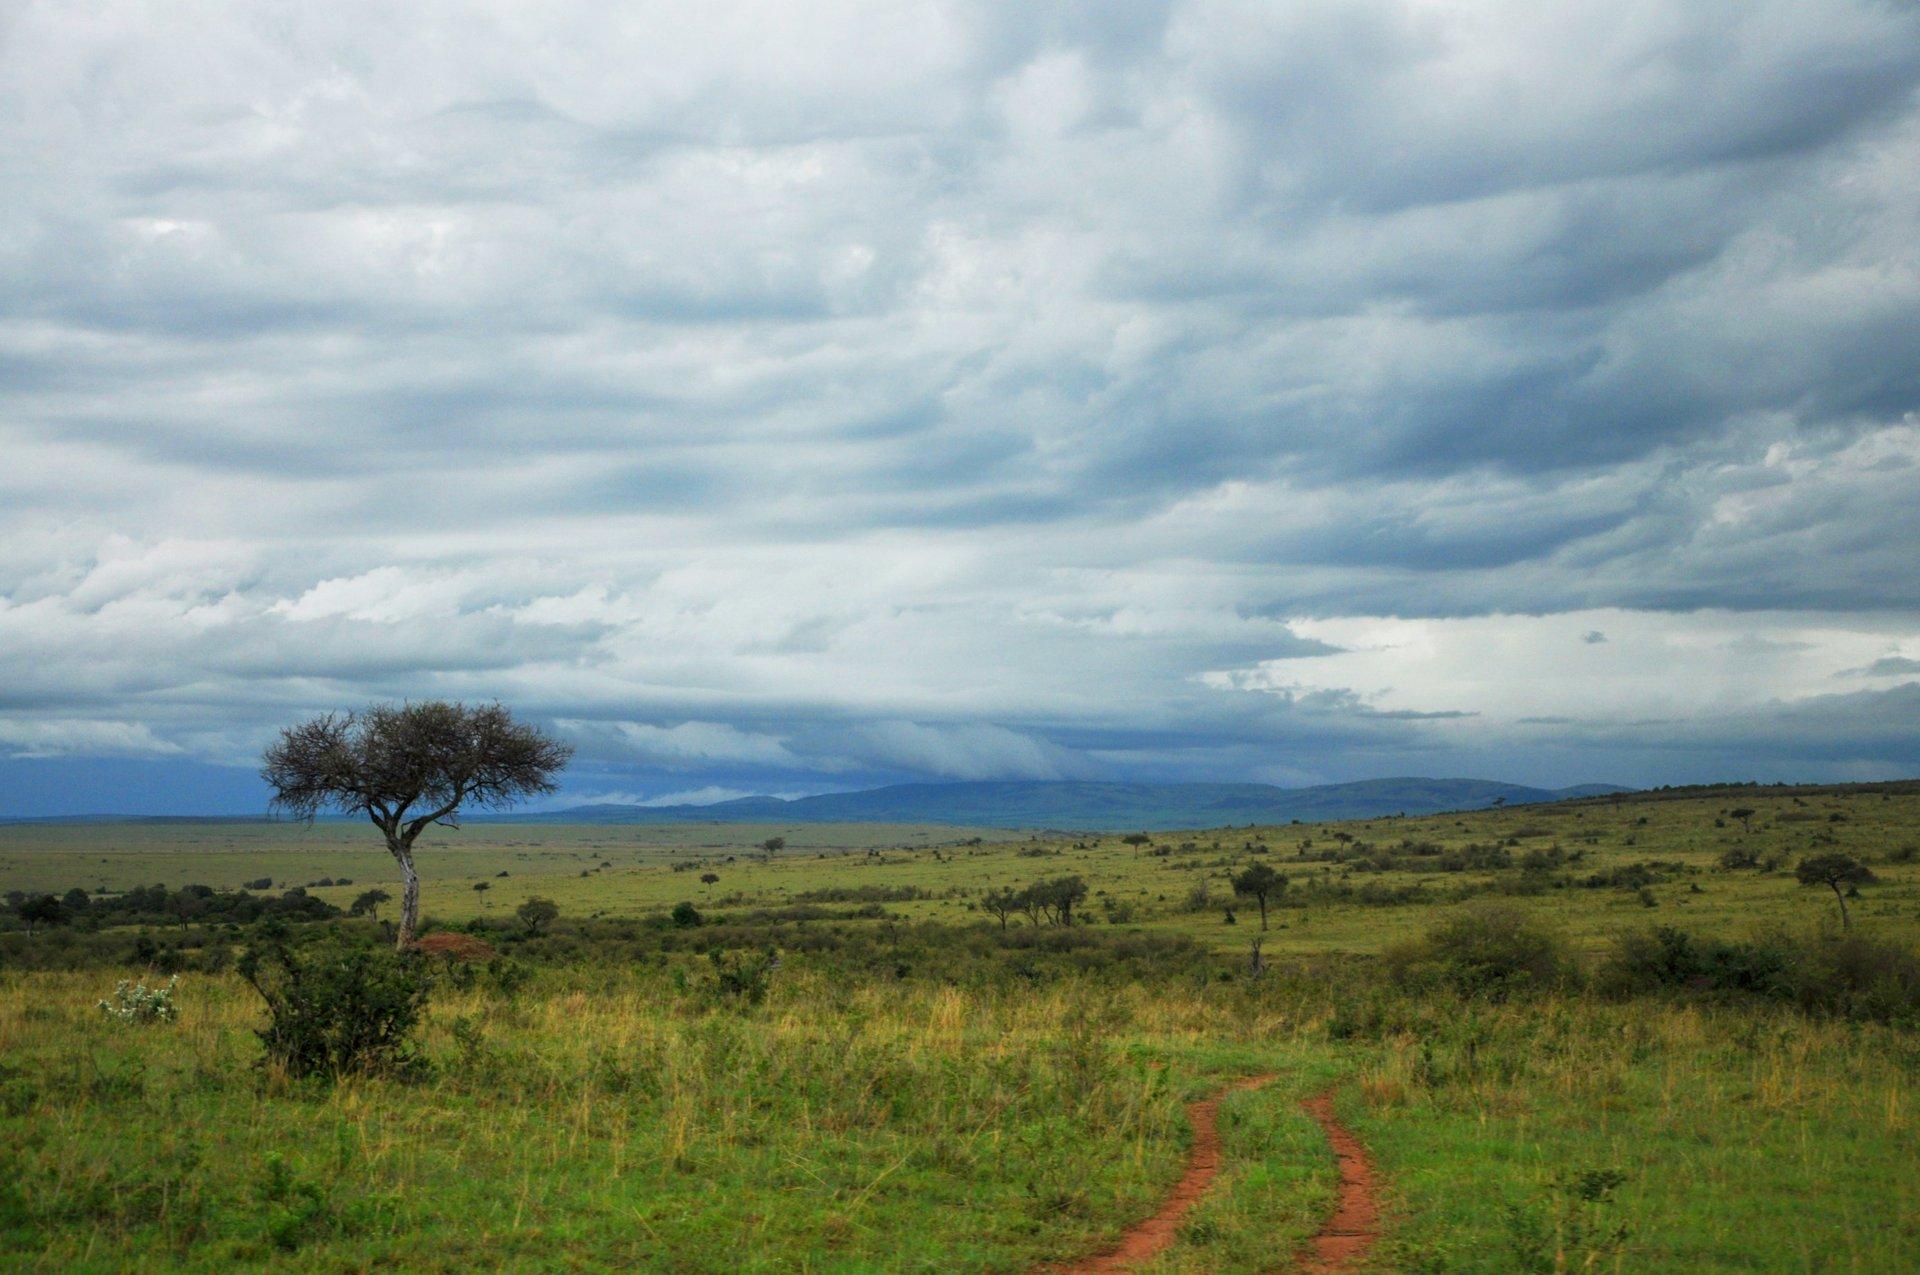 Wet Season in Kenya - Best Season 2019